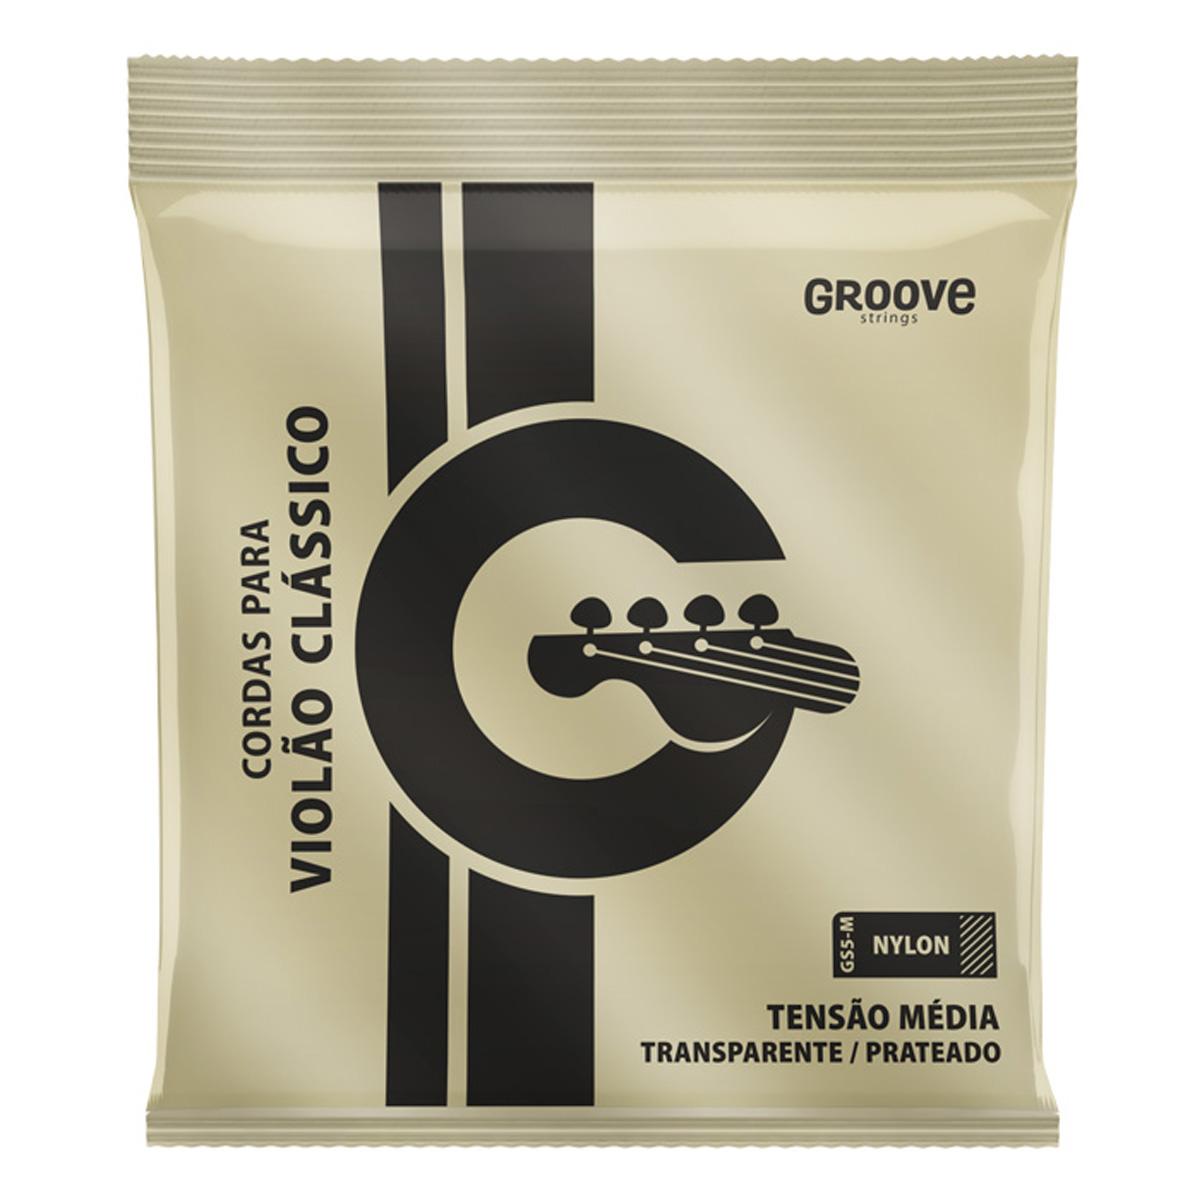 Jogo de Cordas p/ Violão Nylon Tensão Média - Groove  - RS Som e Luz!